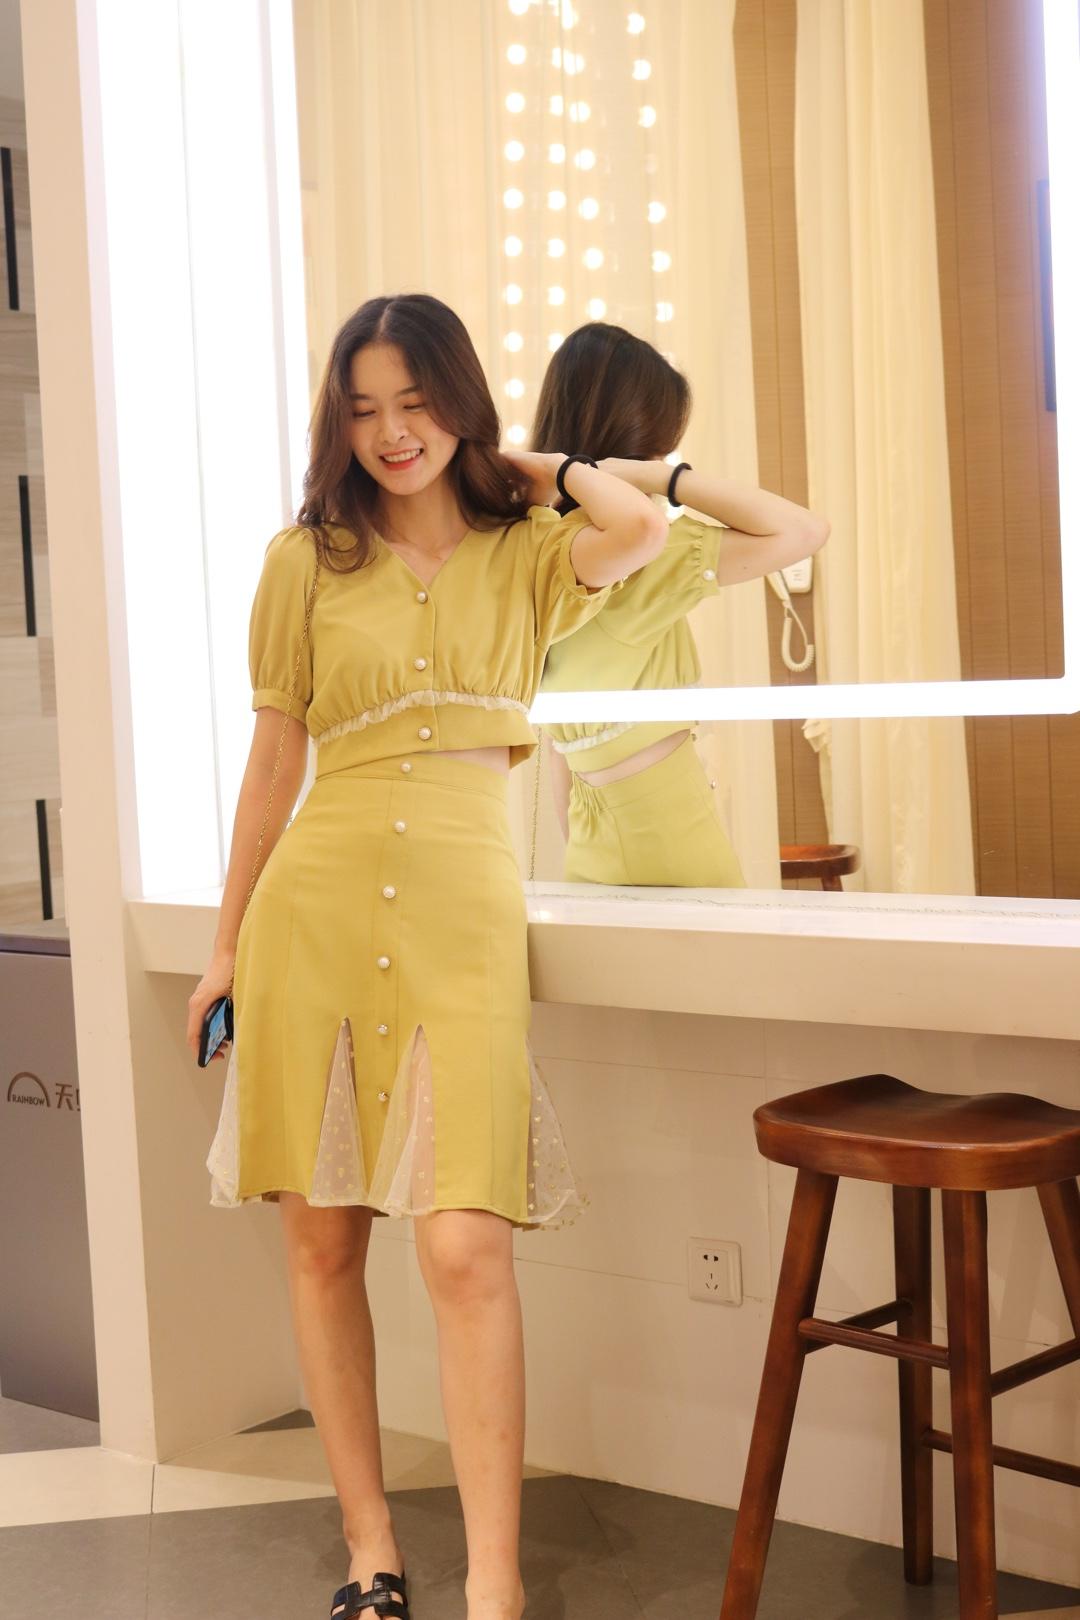 我穿过的最美的姜黄色了,这个颜色真的巨显白了吧,还有小鱼尾的设计增添了优雅感,高腰也更加显瘦显高哦#网红套装:摆脱穿衣纠结症!#